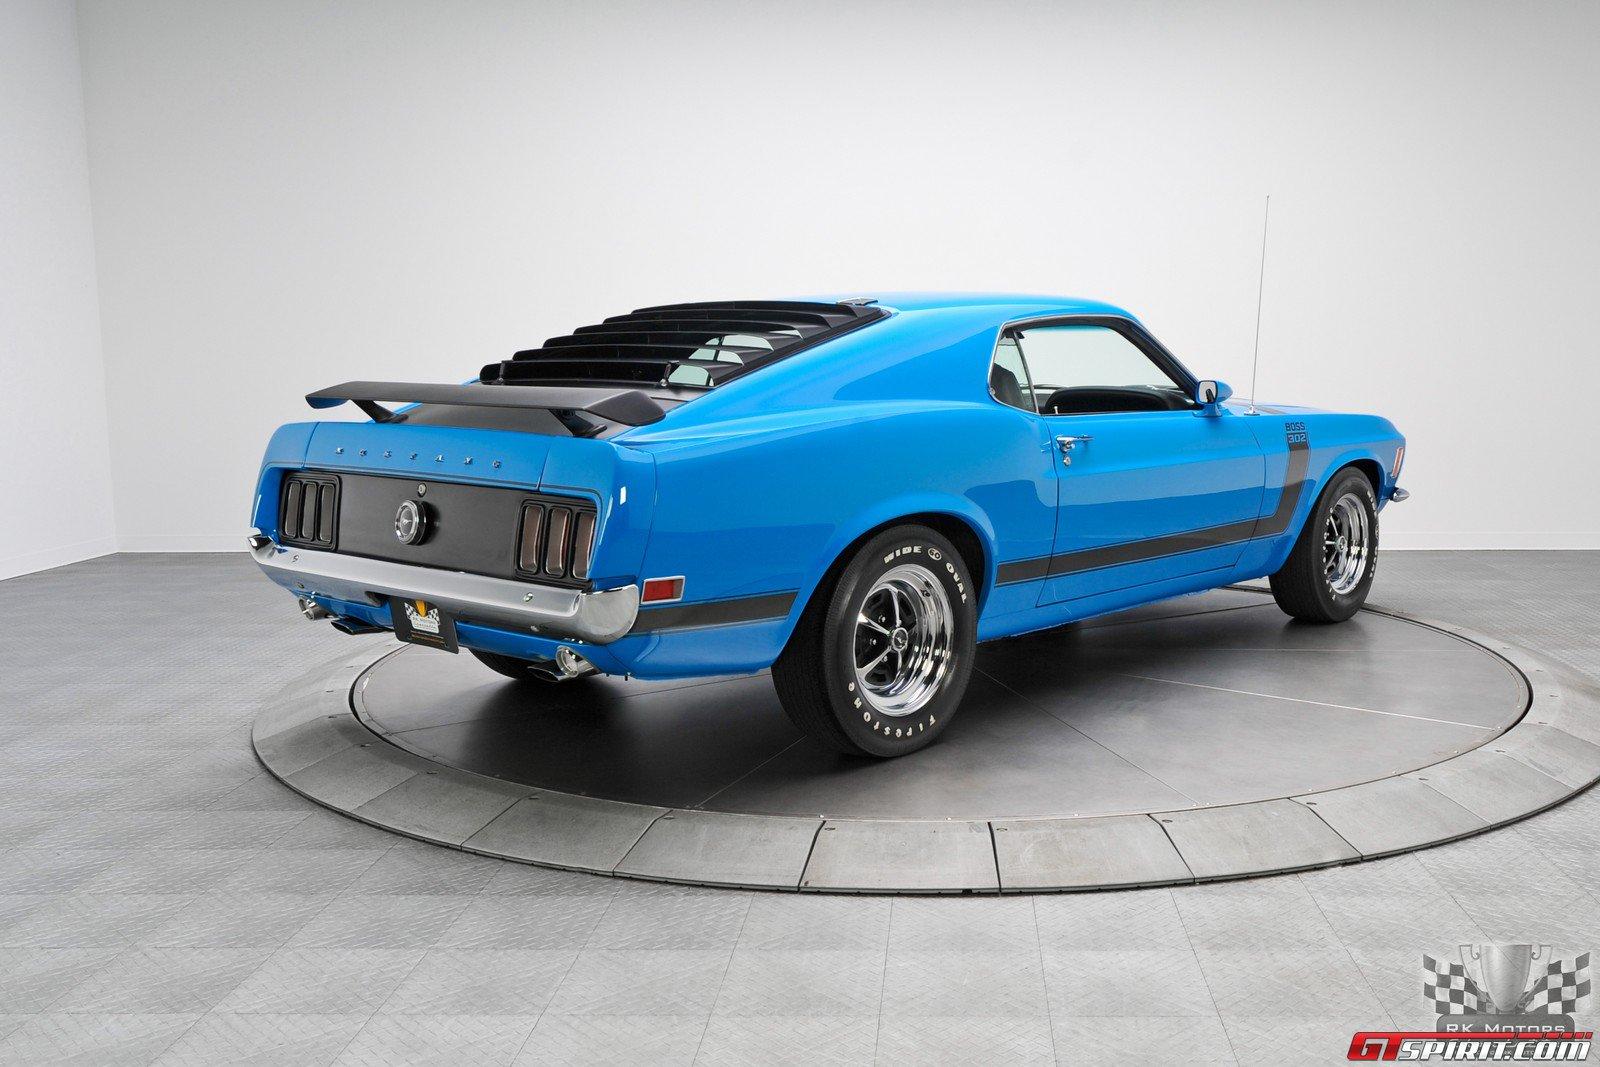 for sale 1970 ford mustang 302 boss in grabber blue. Black Bedroom Furniture Sets. Home Design Ideas